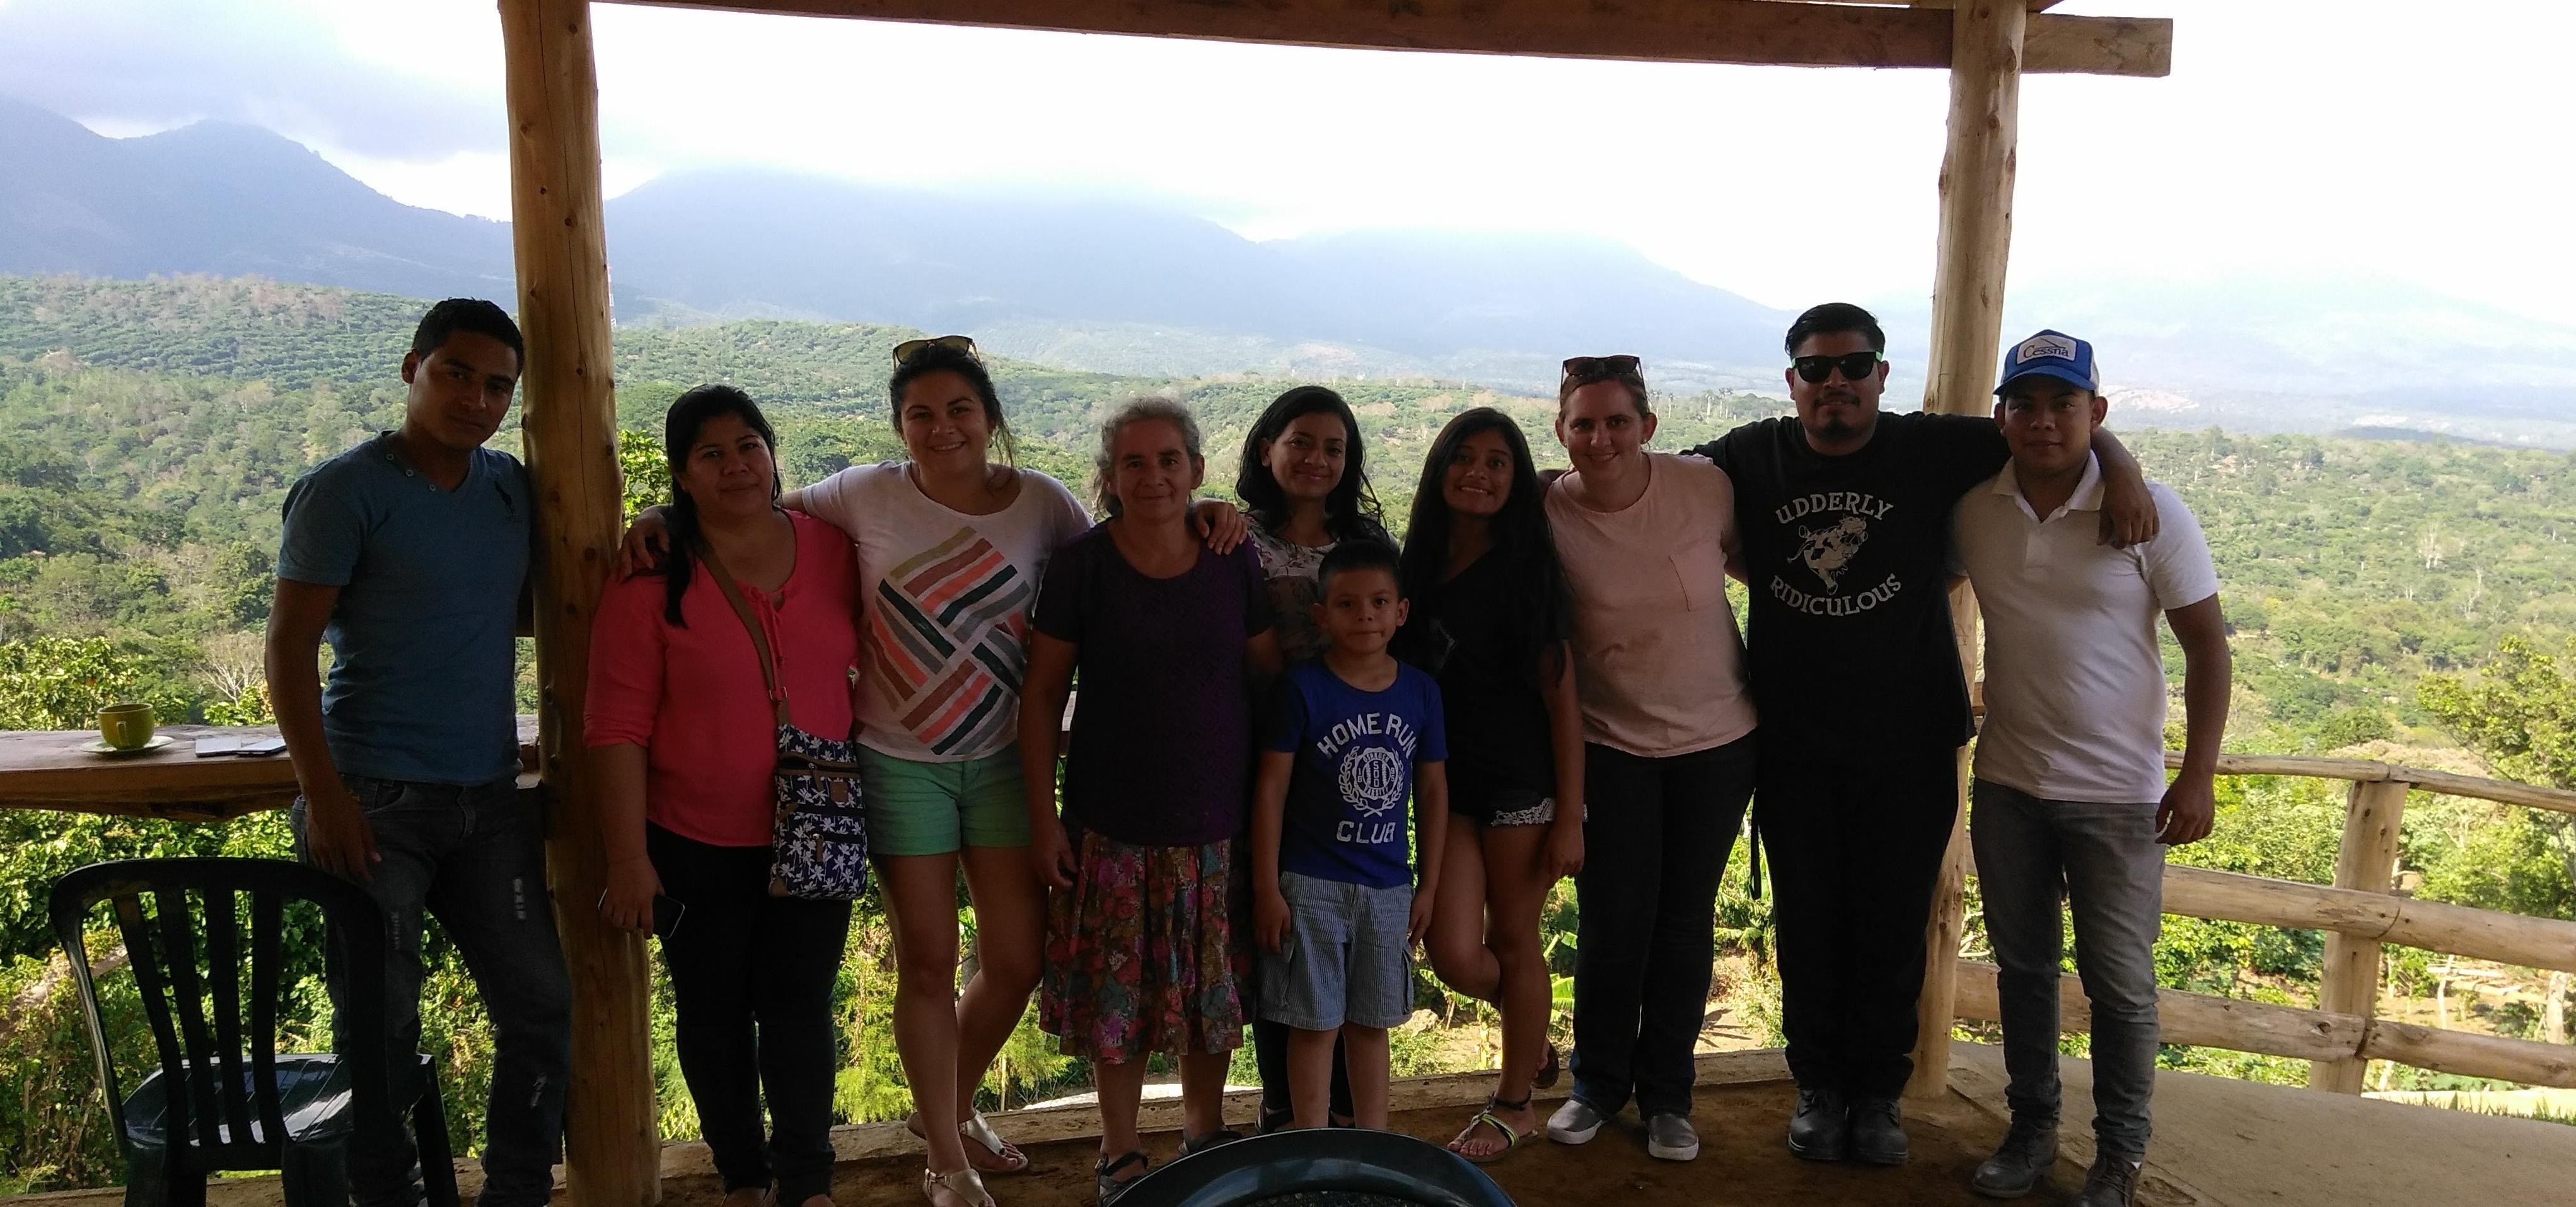 El Salvador group photo